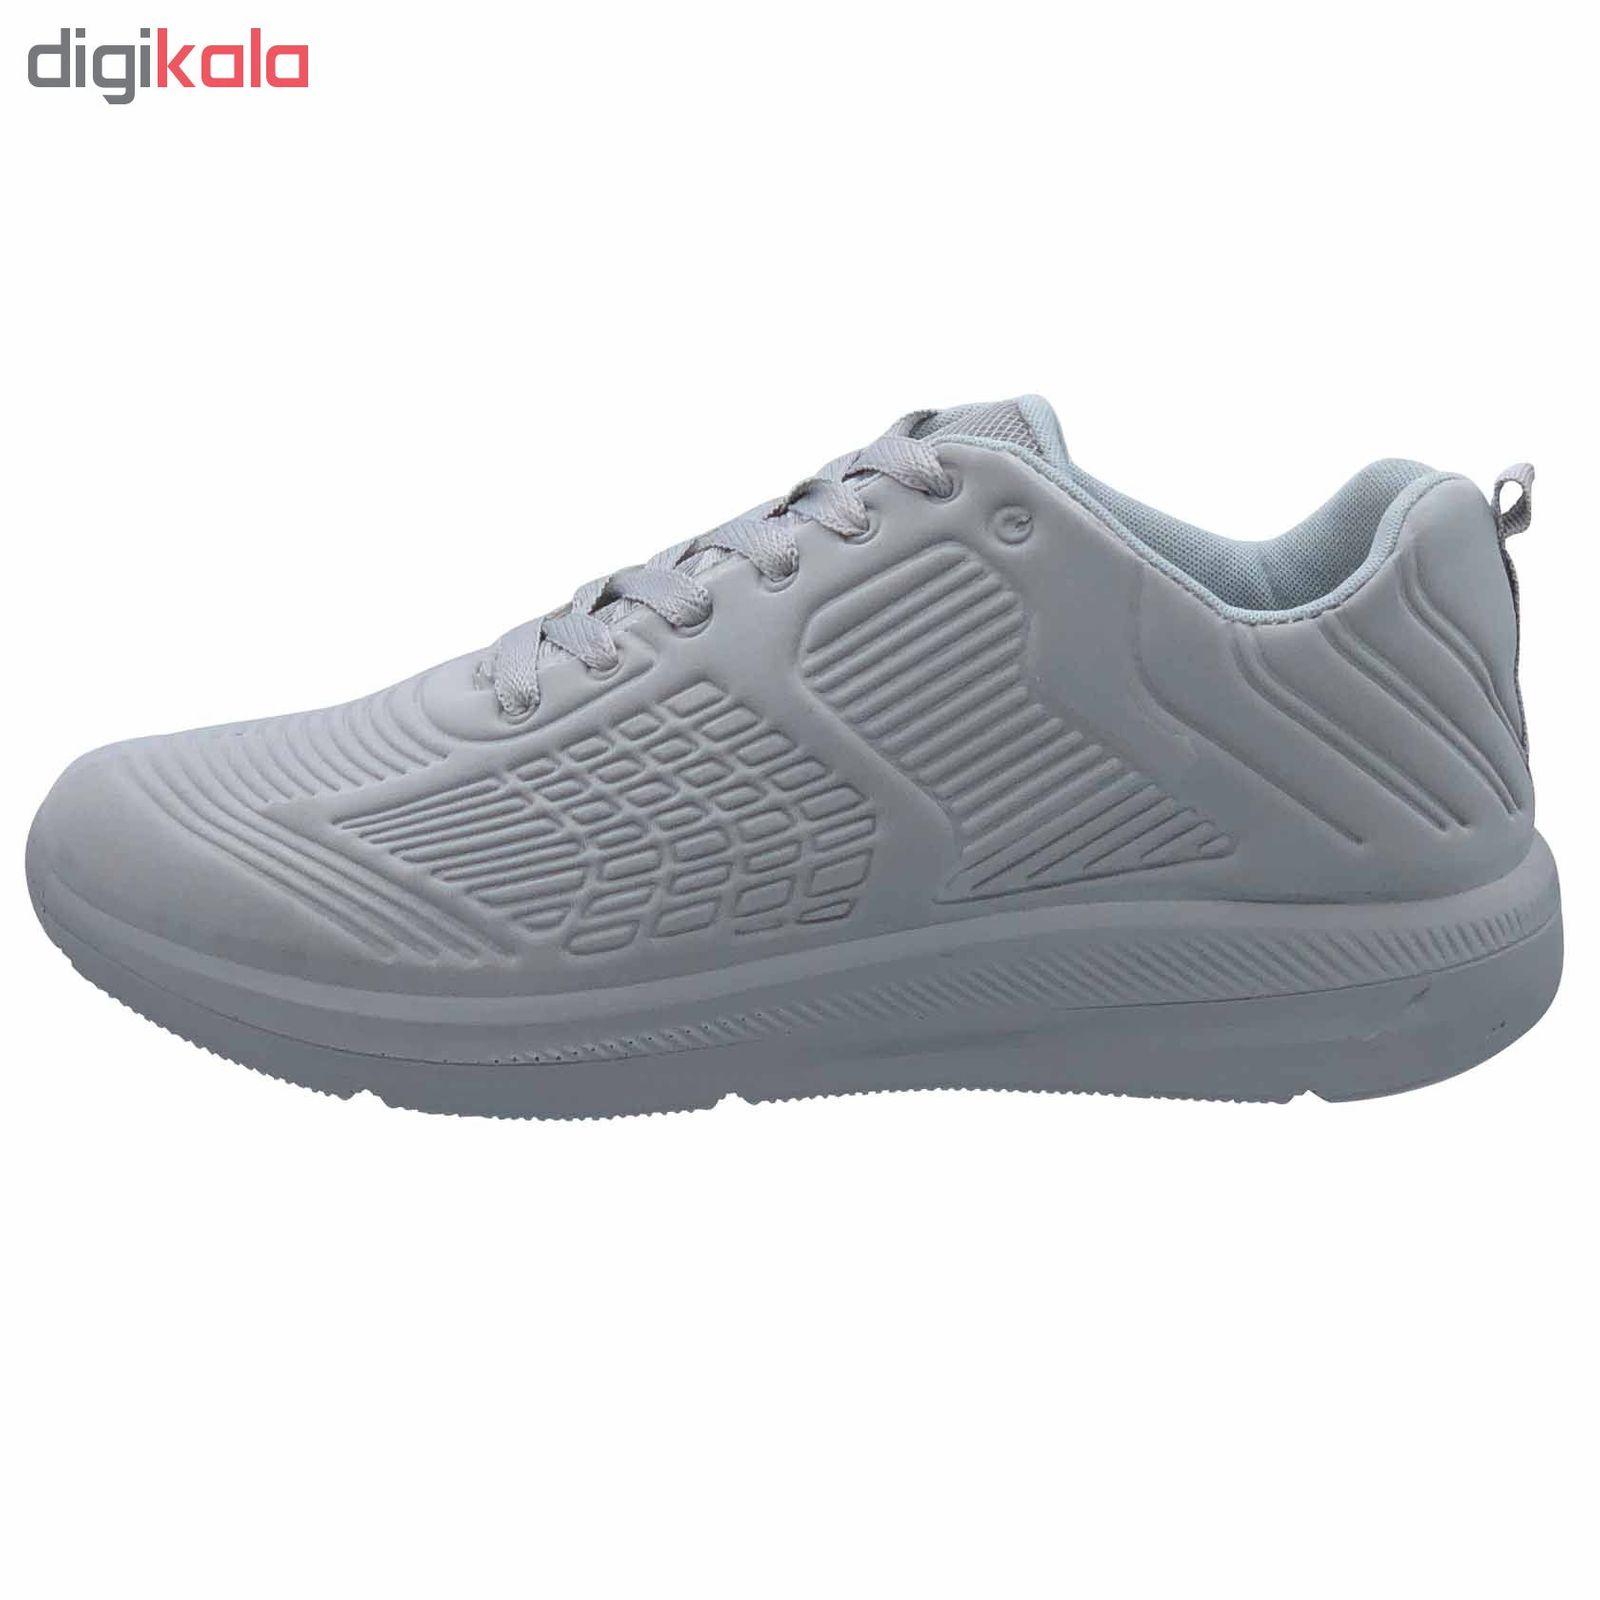 کفش مخصوص پیاده روی کد 38-02 main 1 1